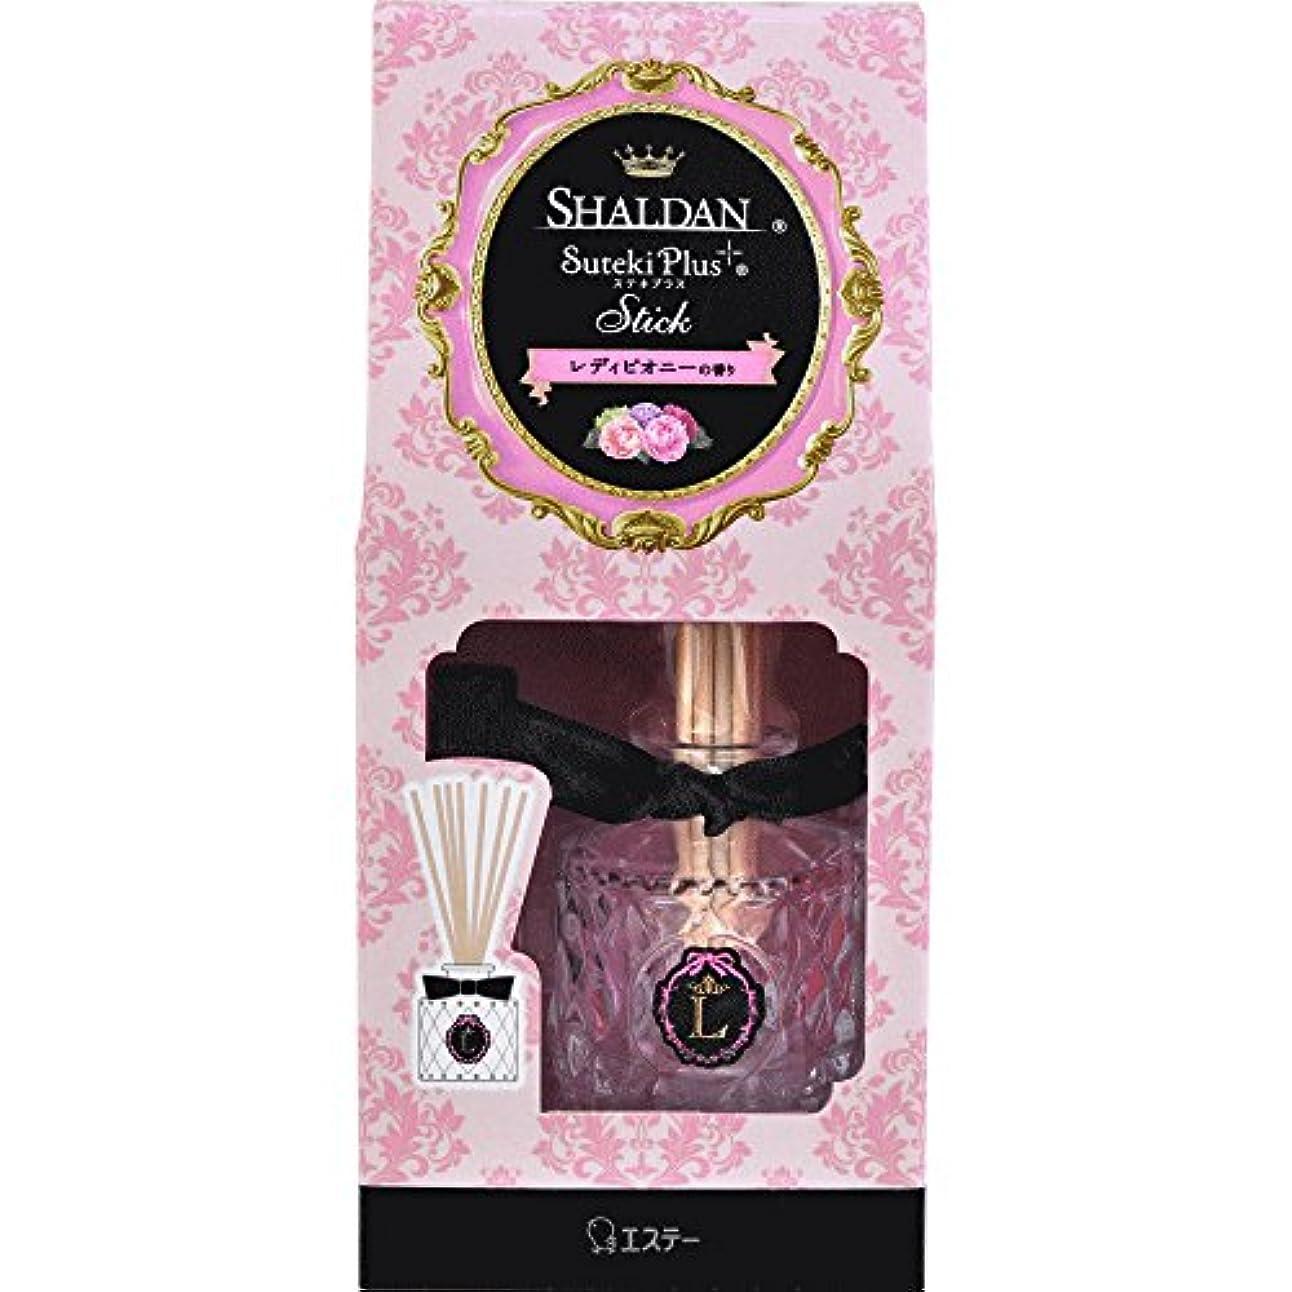 改革特許満足させるシャルダン SHALDAN ステキプラス スティック 消臭芳香剤 部屋用 本体 レディピオニーの香り 45ml